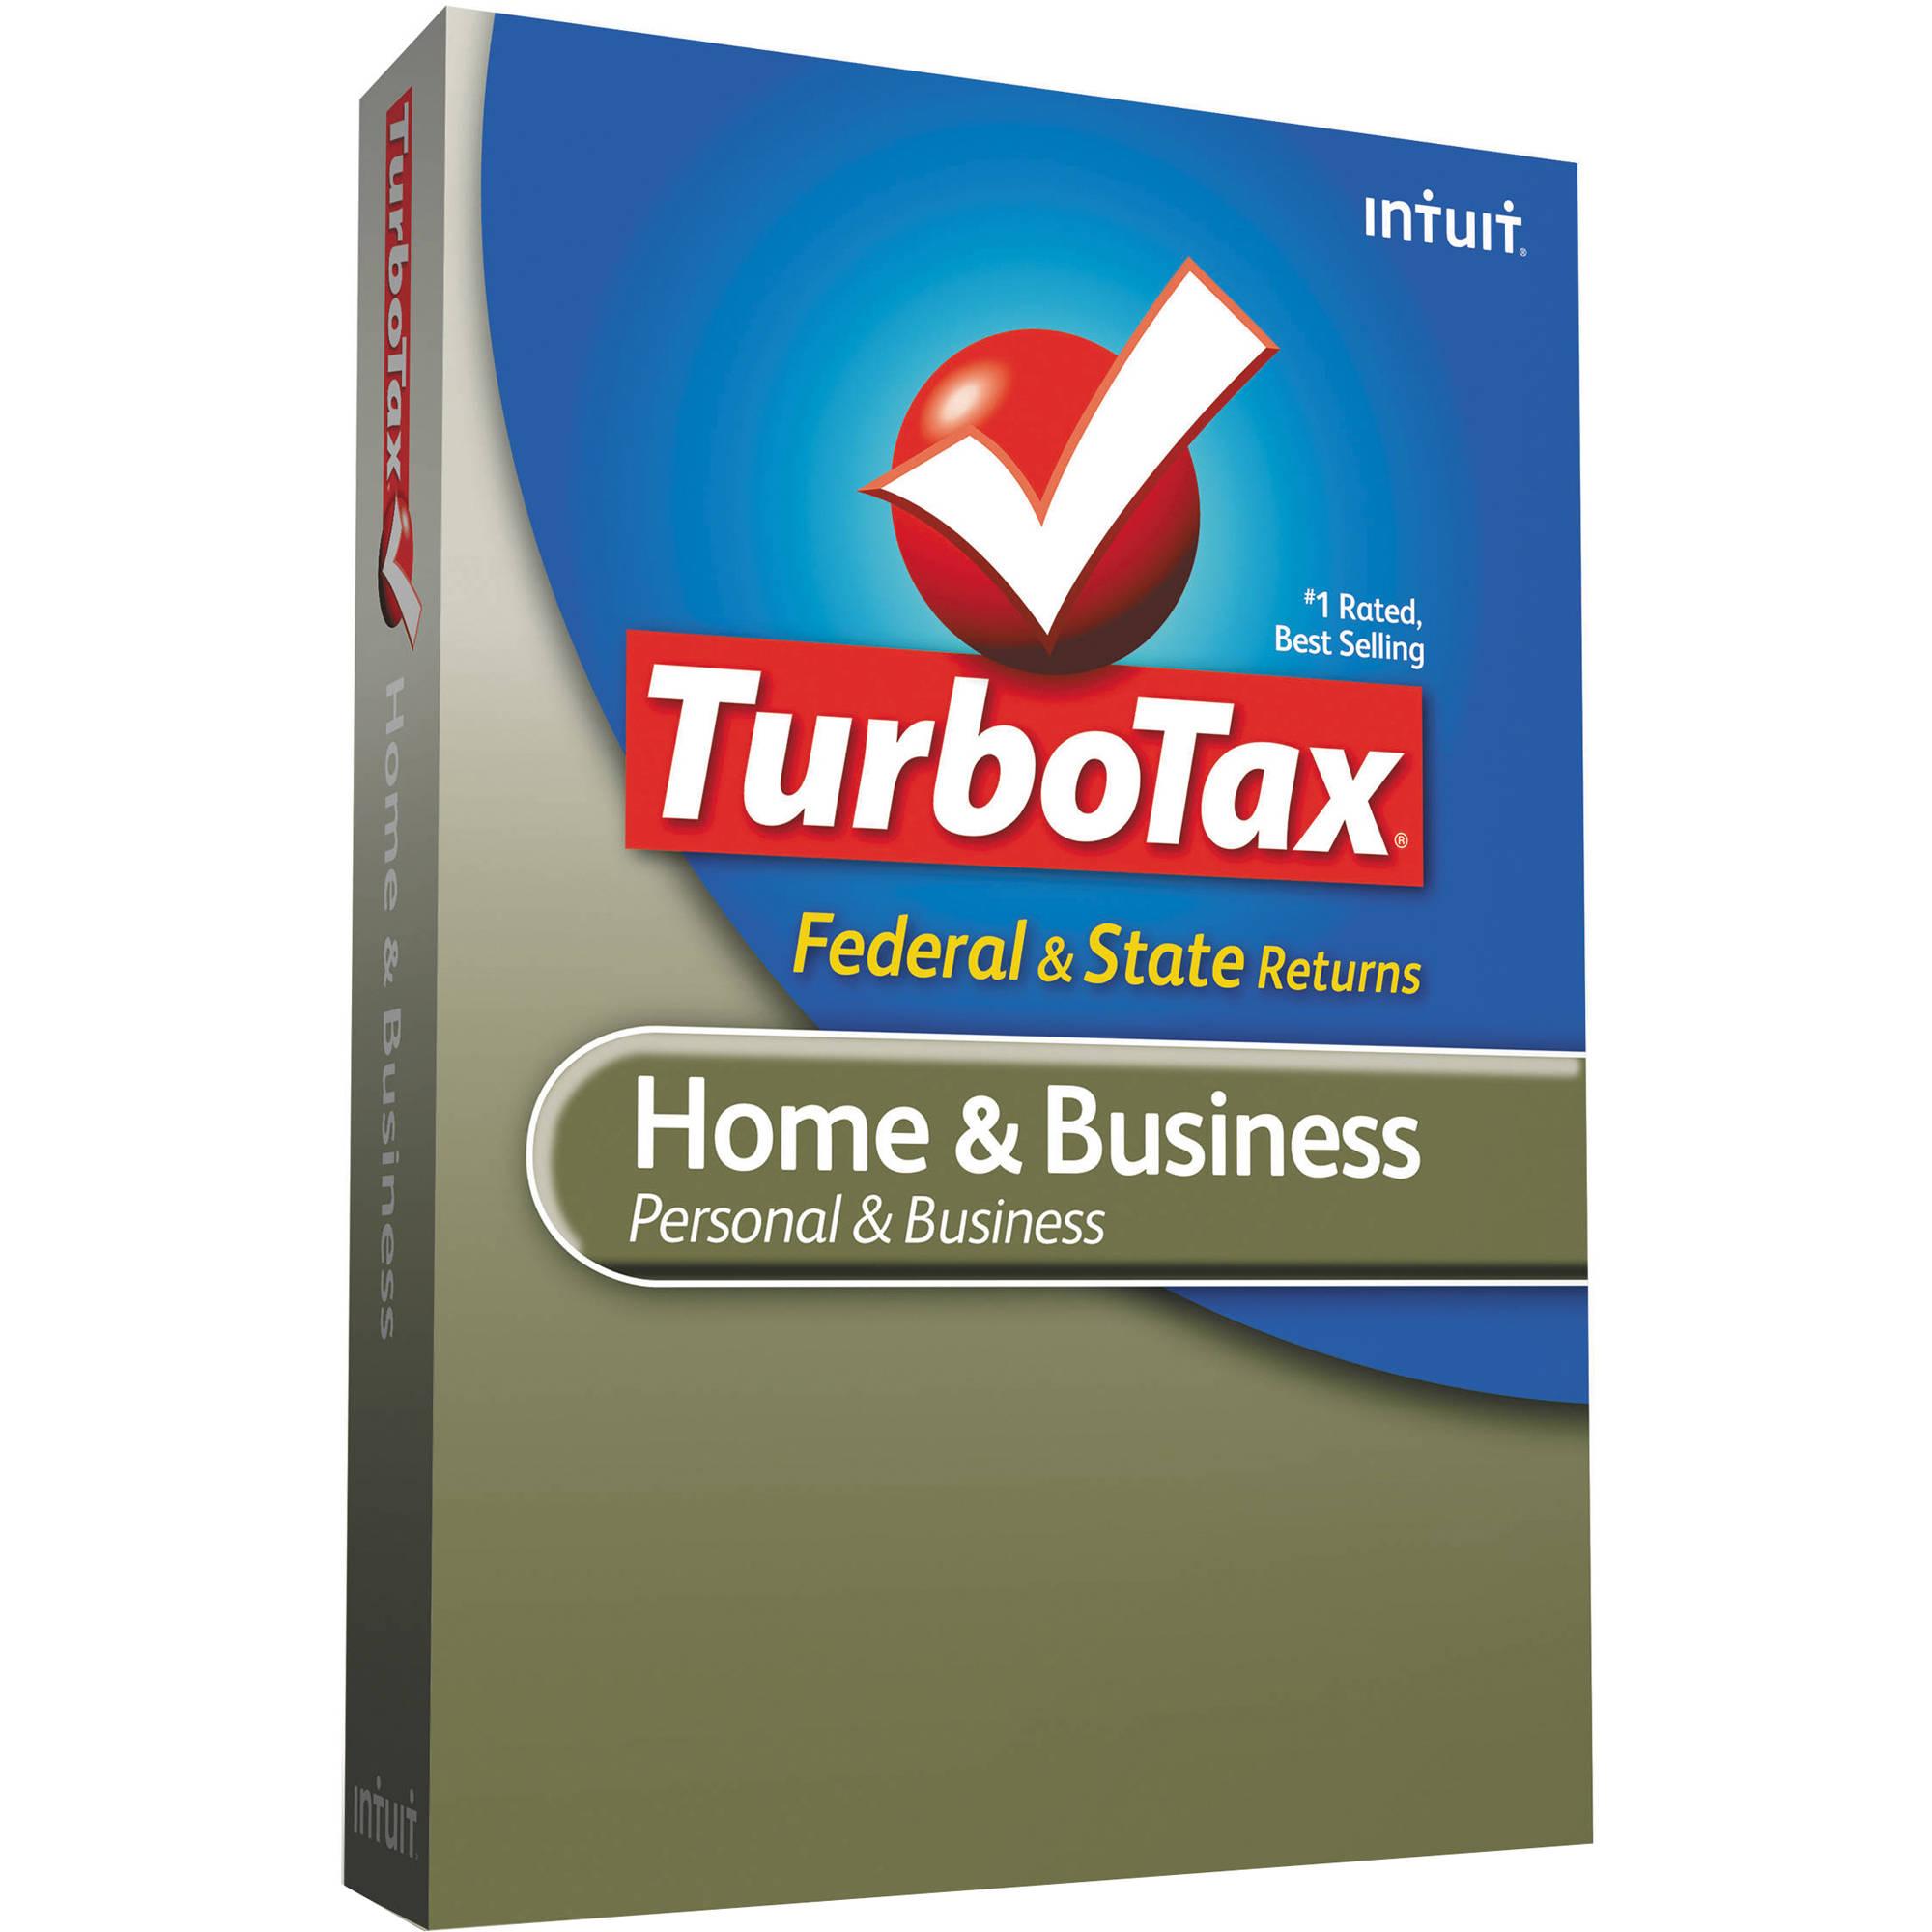 Turbotax 2012 Mac Download Free